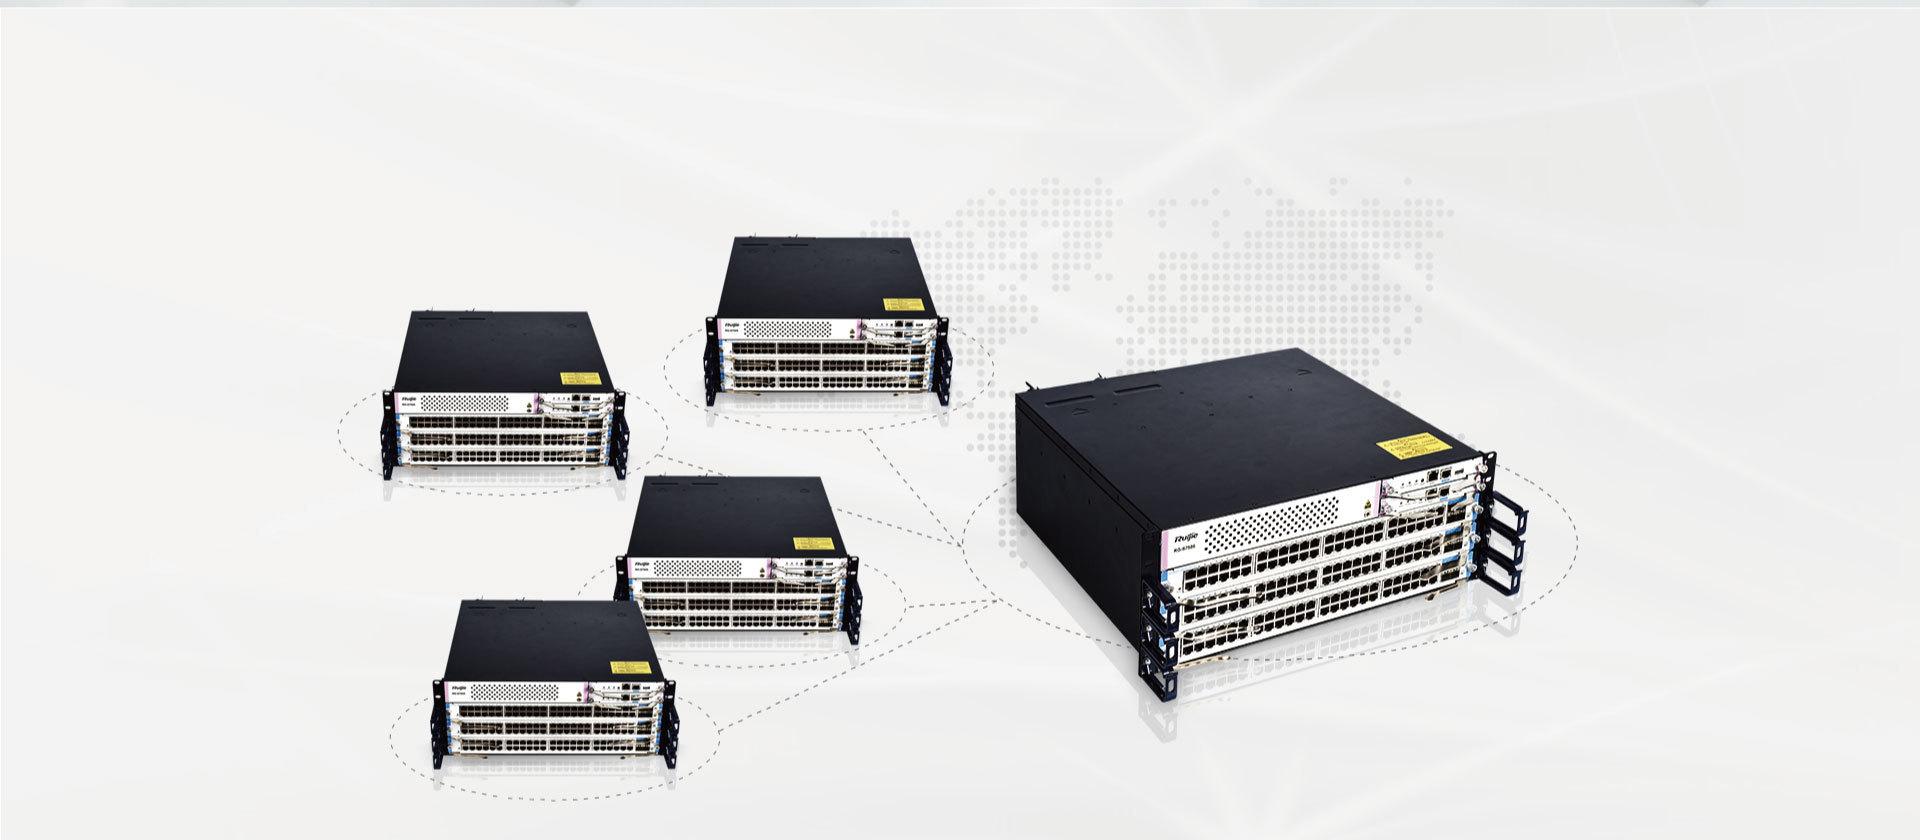 锐捷睿易模块化核心交换机RG-S7505-4